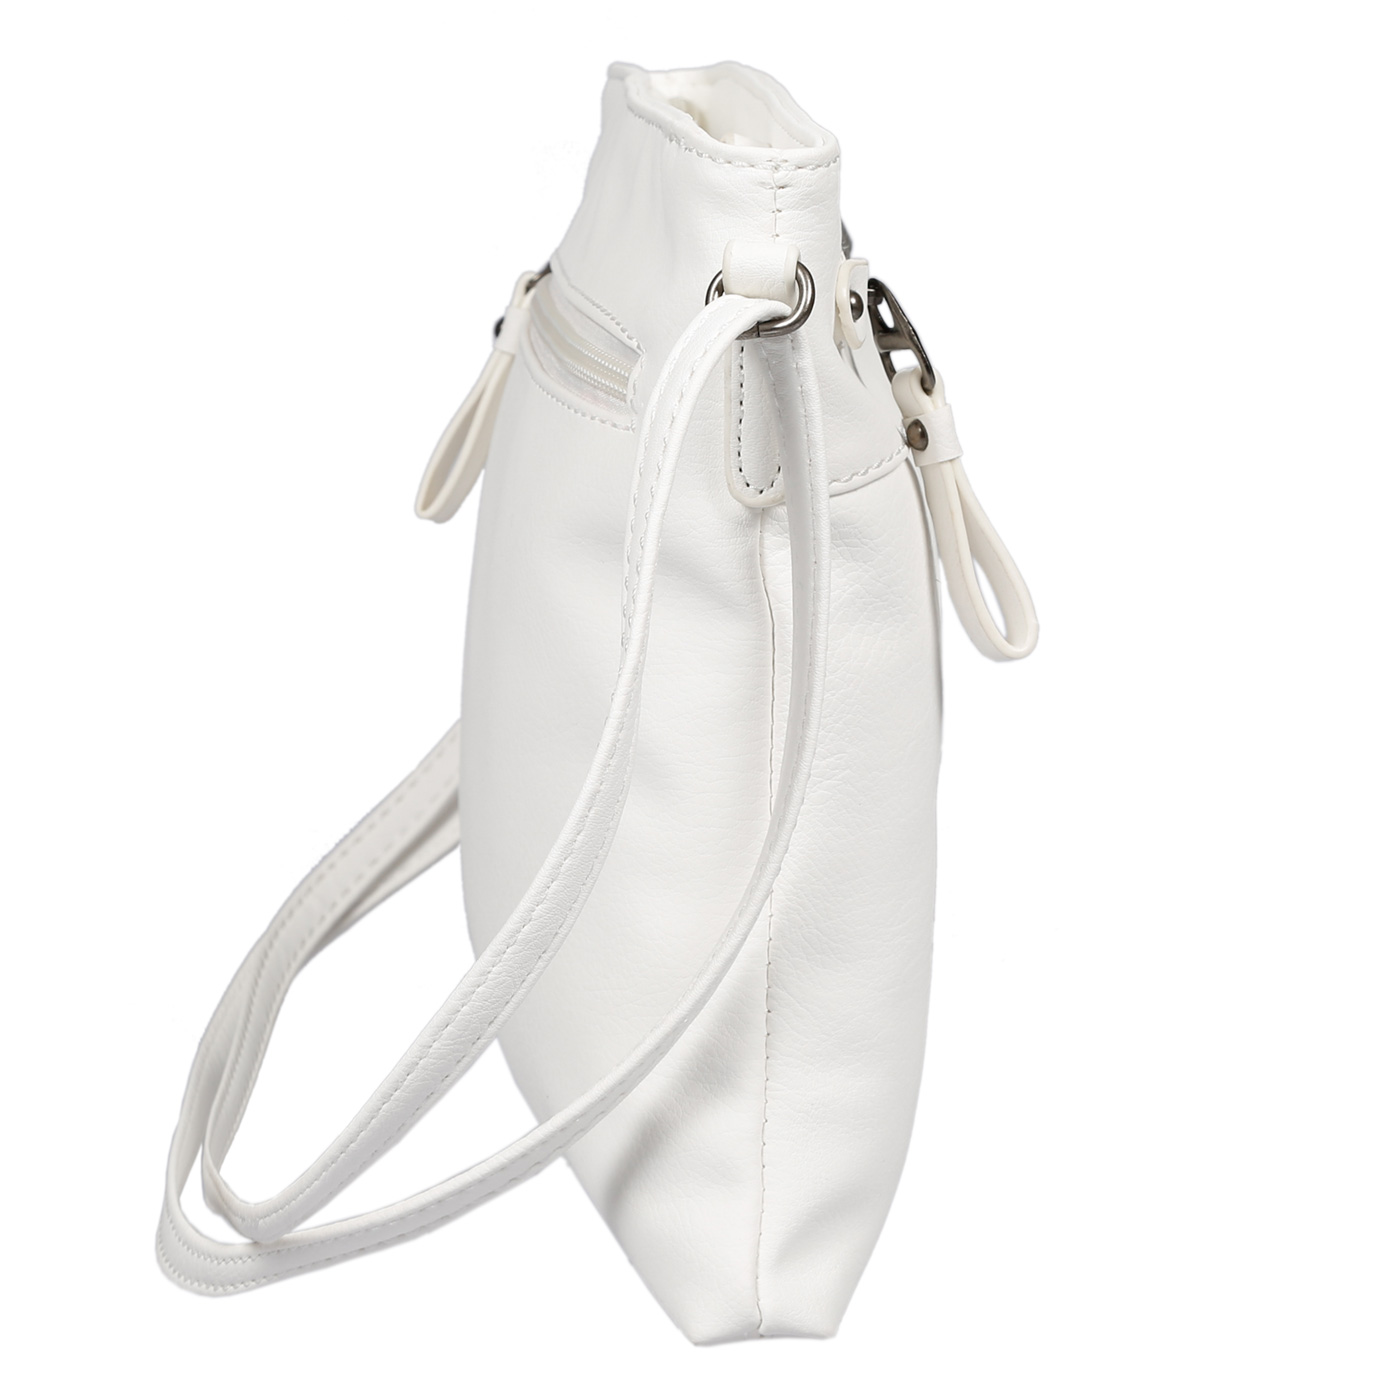 Damen-Handtasche-Umhaengetasche-Schultertasche-Tasche-Leder-Optik-Schwarz-Weiss Indexbild 53